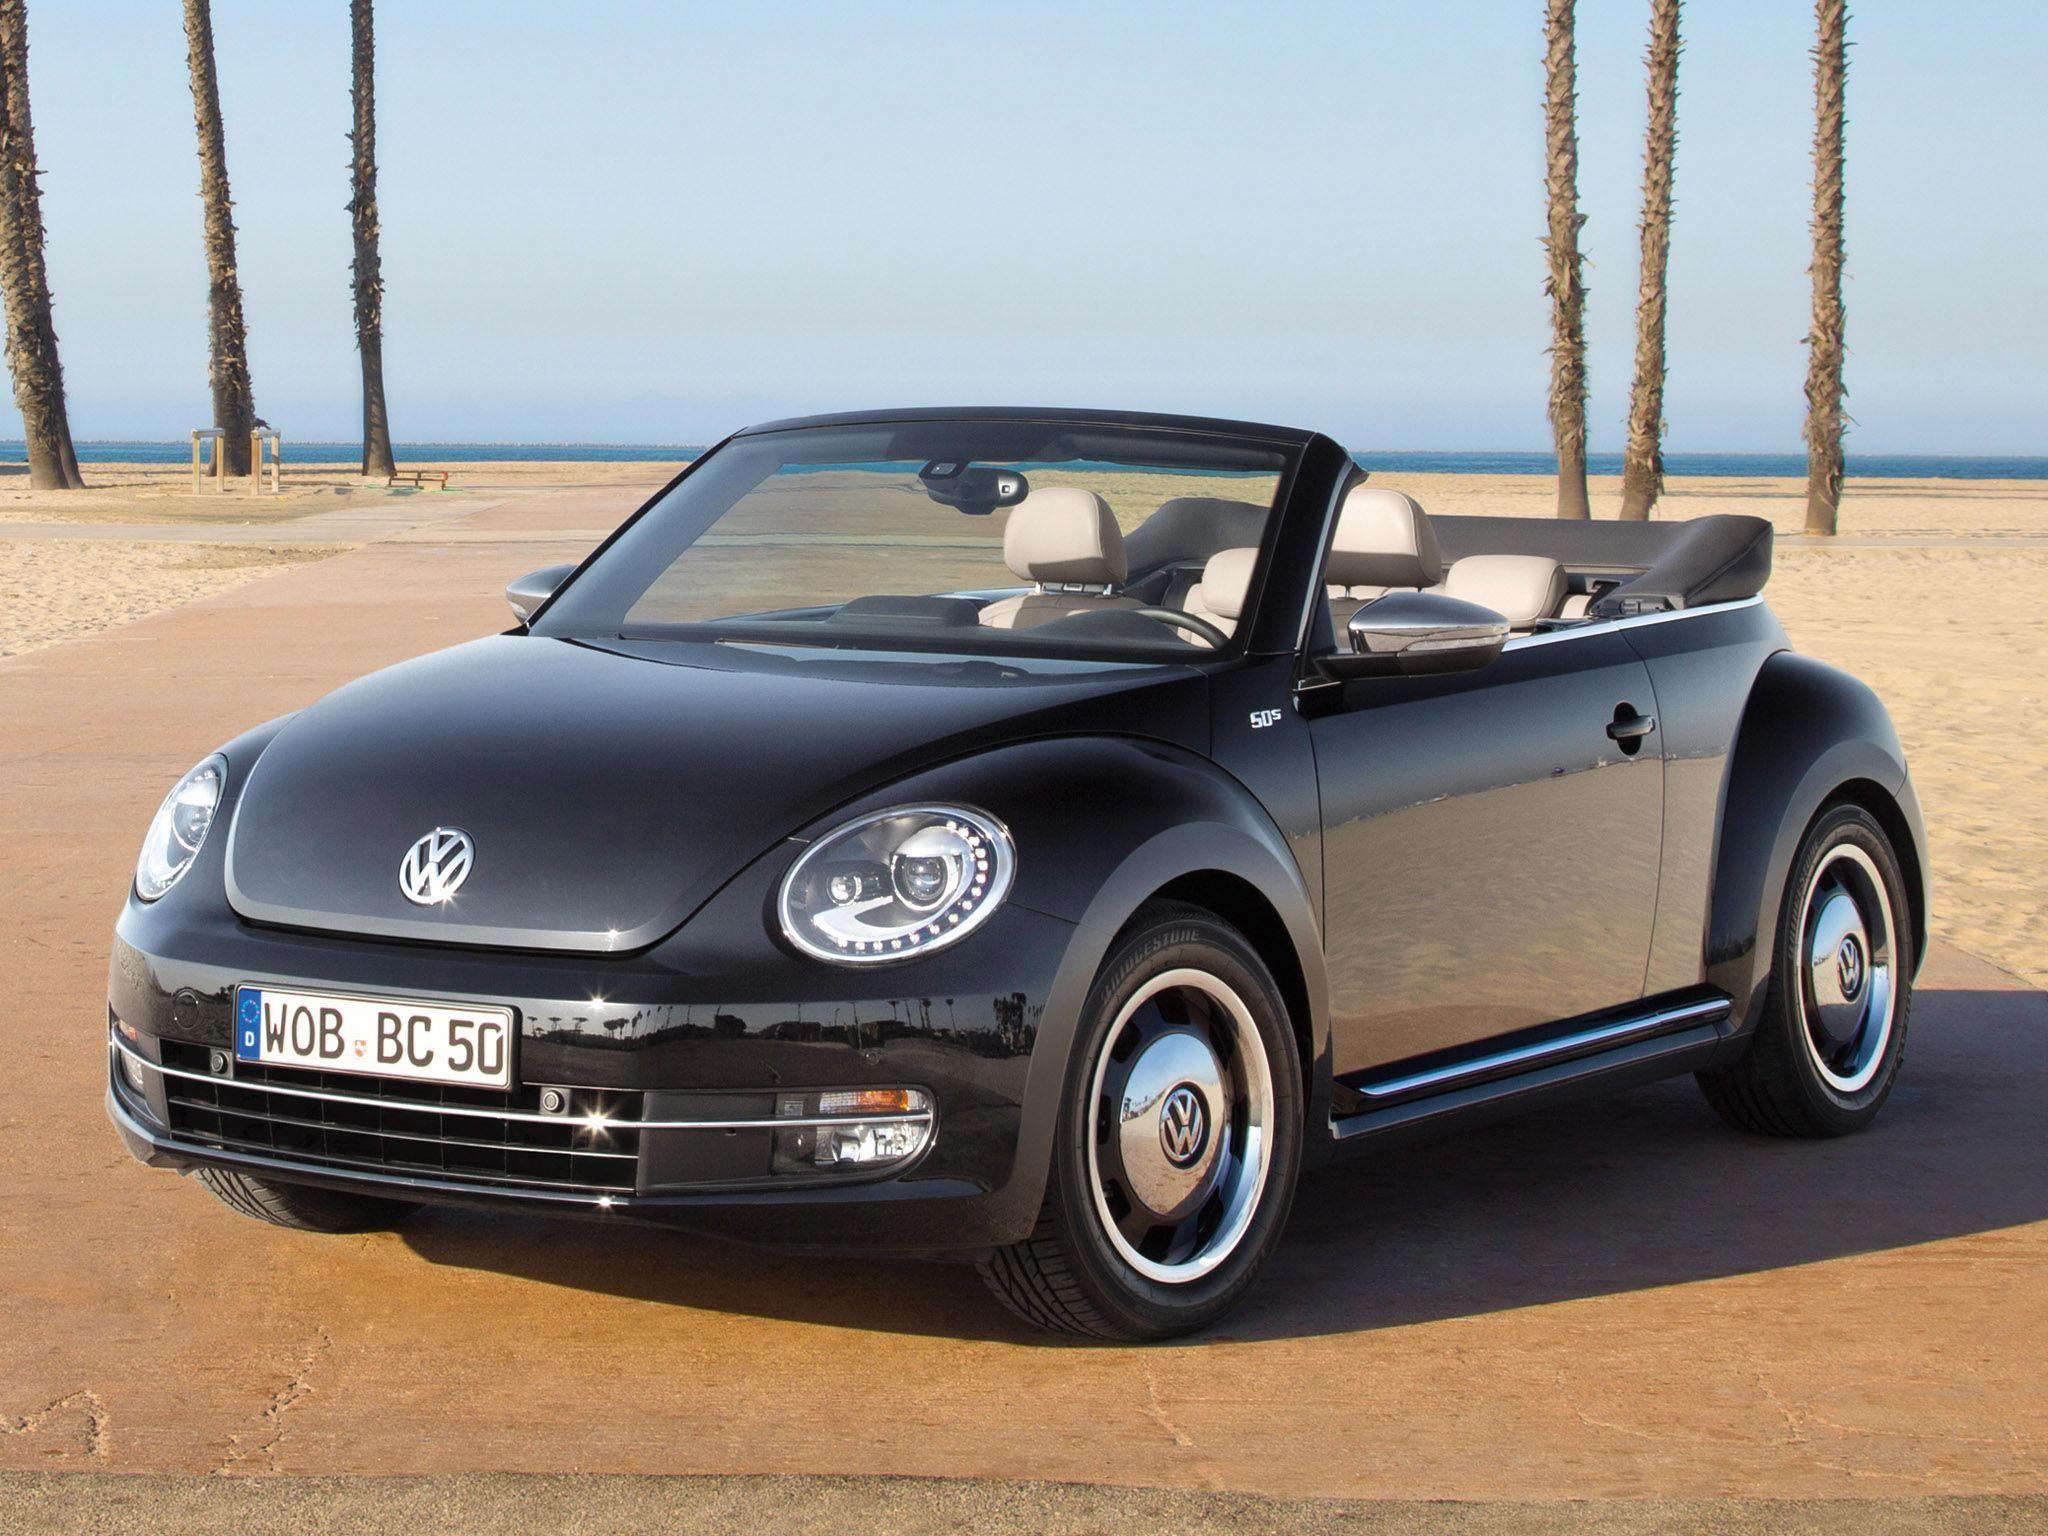 Beetle Cabriolet 50s Edition Volkswagennewbeetle Beetle Convertible Volkswagen Beetle Convertible Volkswagen New Beetle